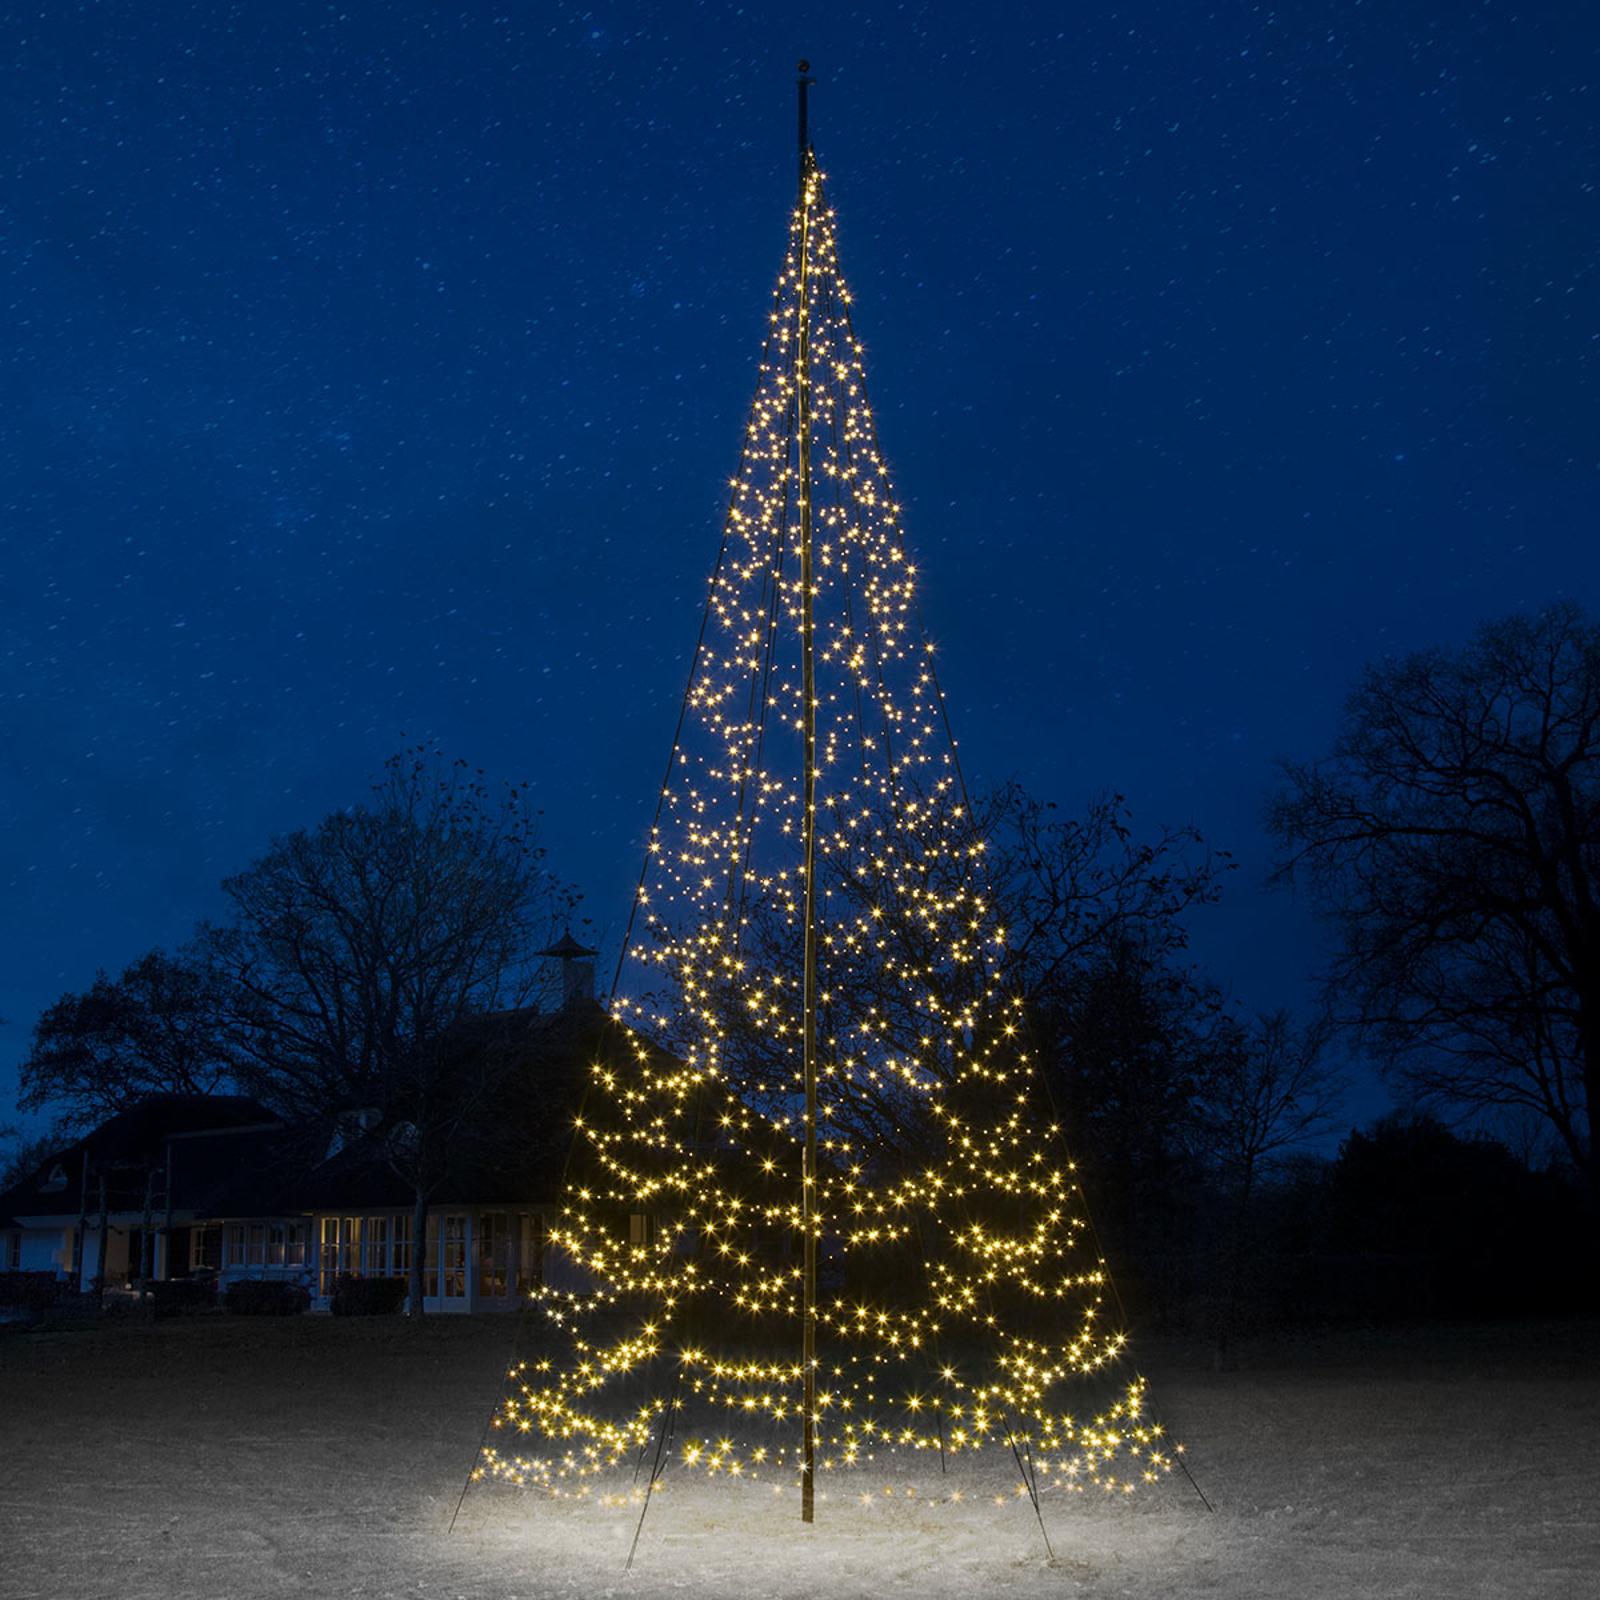 Acquista Fairybell® albero di Natale, 8 m, 1500 LED | Lampade.it